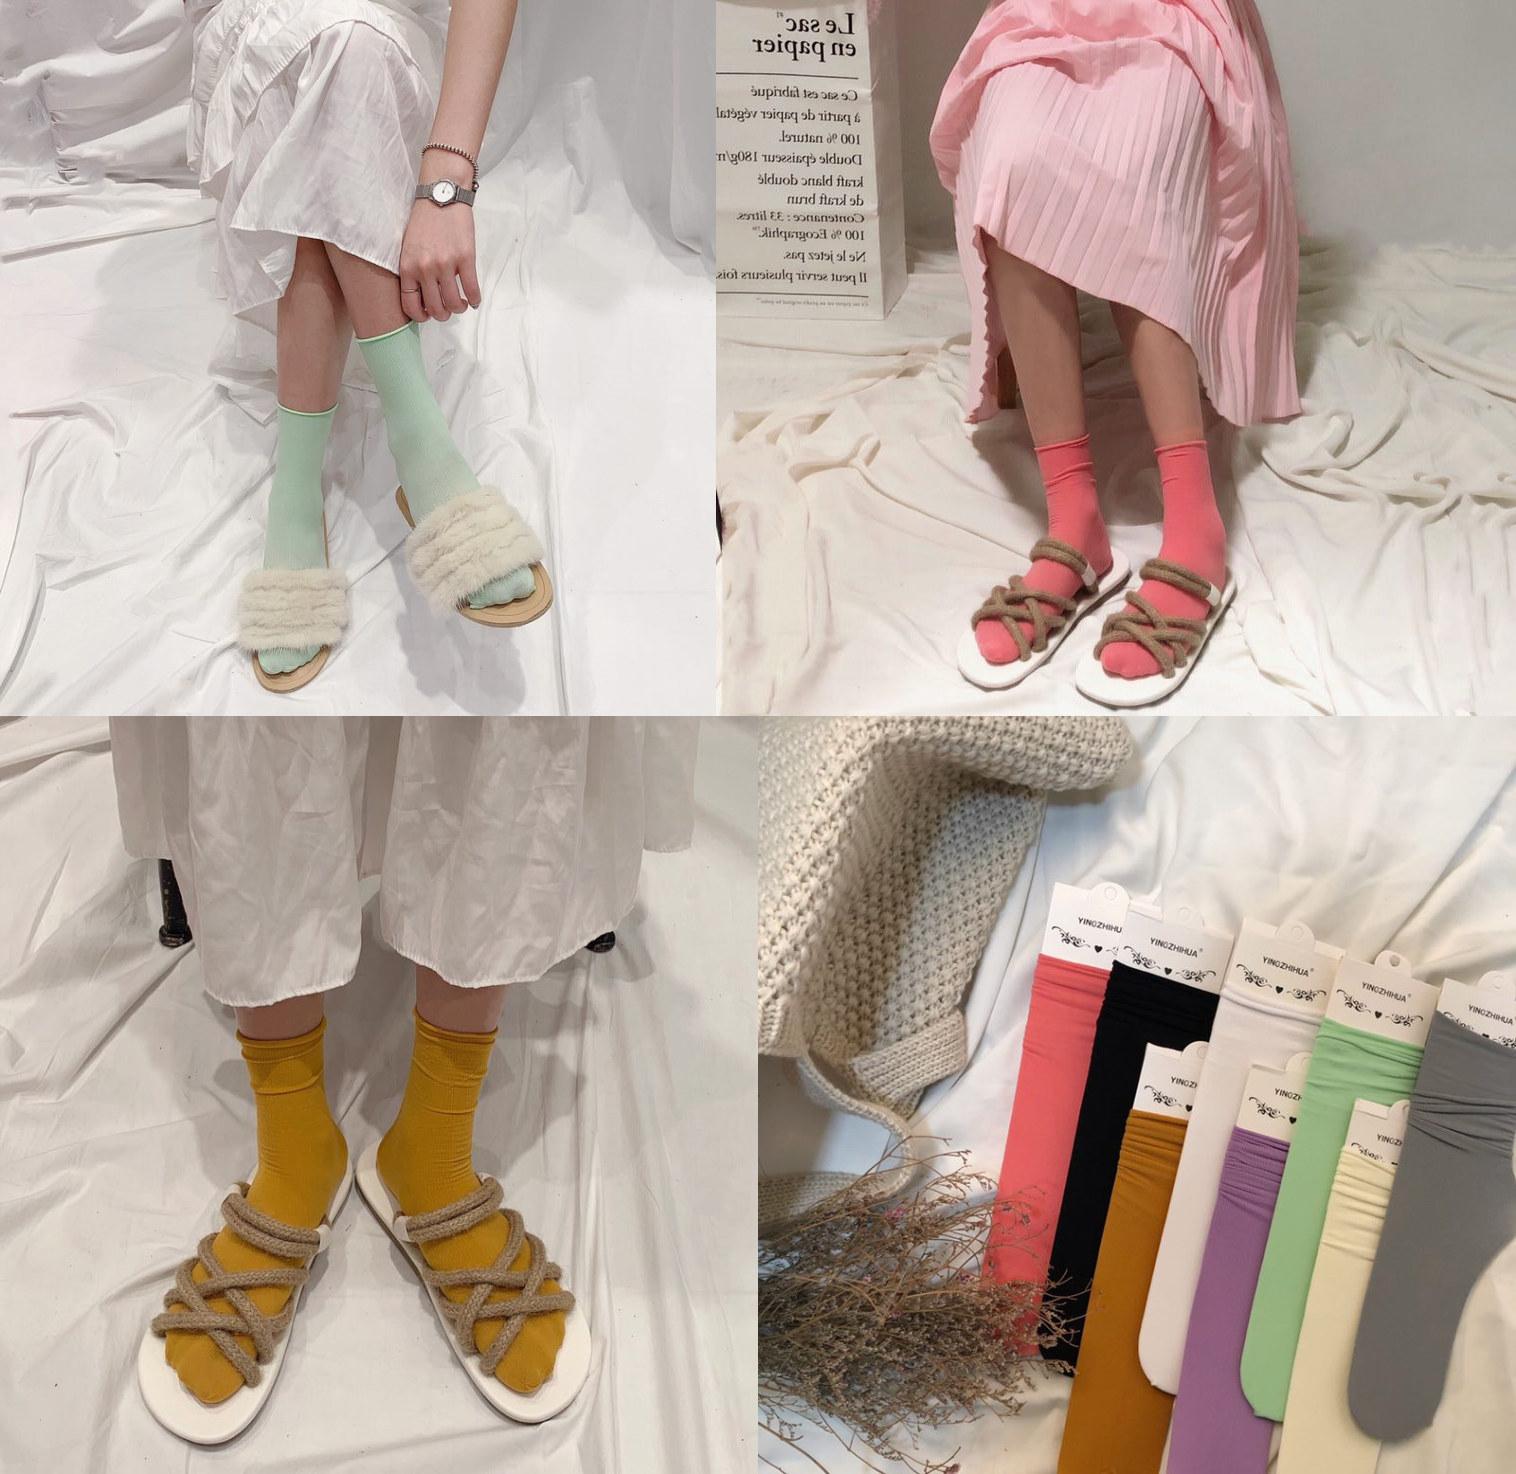 薄款透气袜子女ins潮纯色堆堆袜